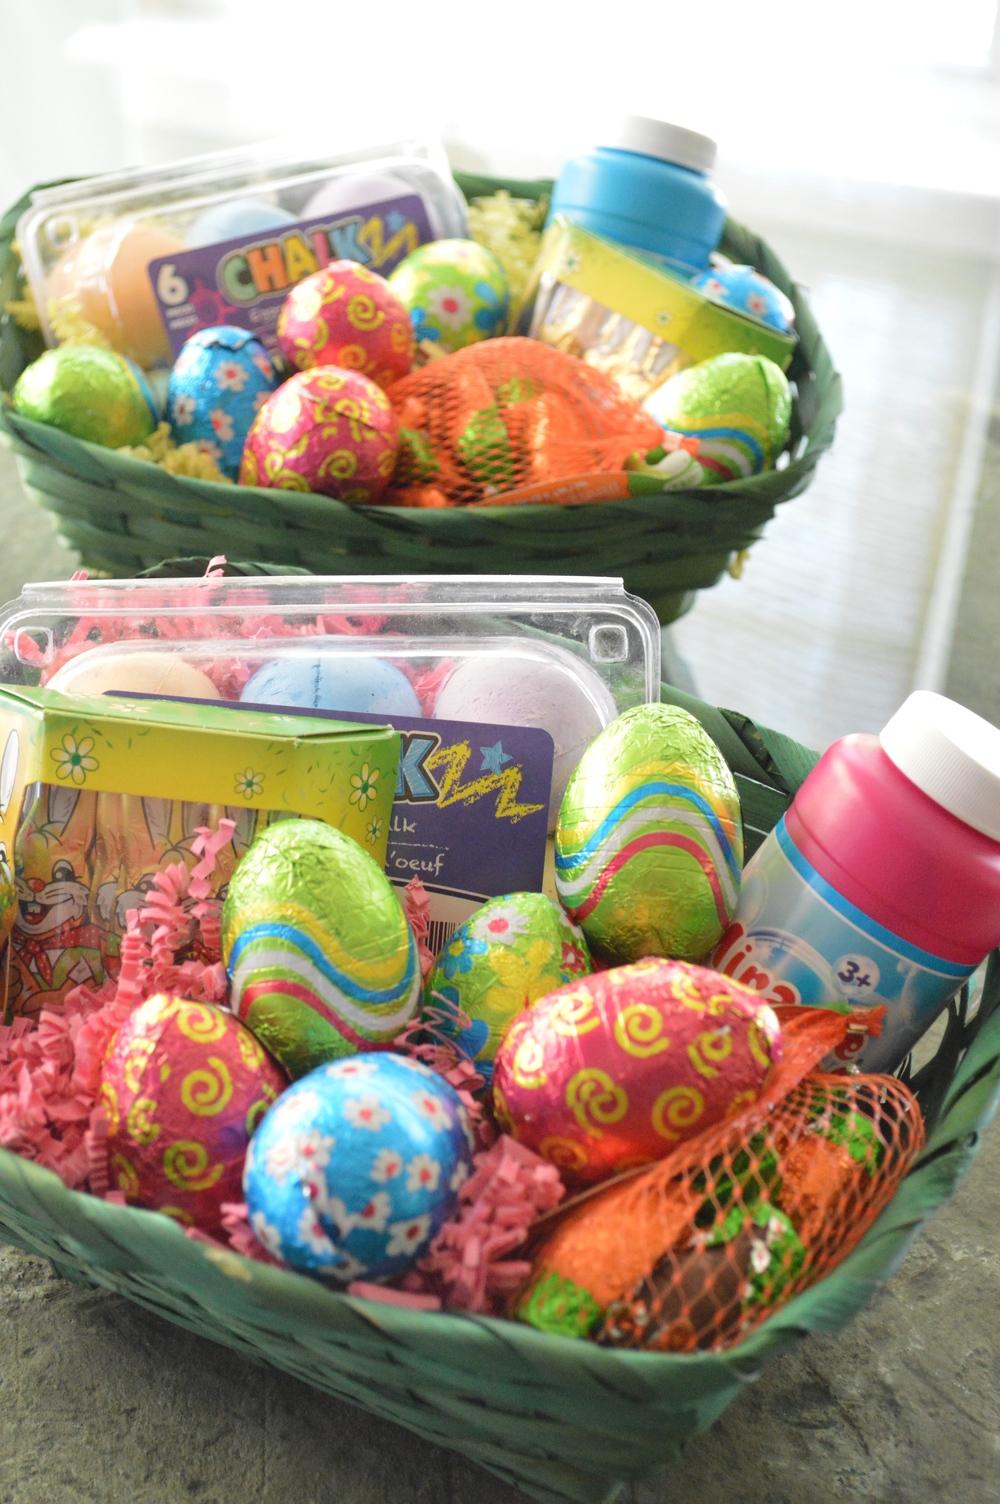 LaurenSchwaiger-Blog-Easter-2015-Easter-Baskets.jpg